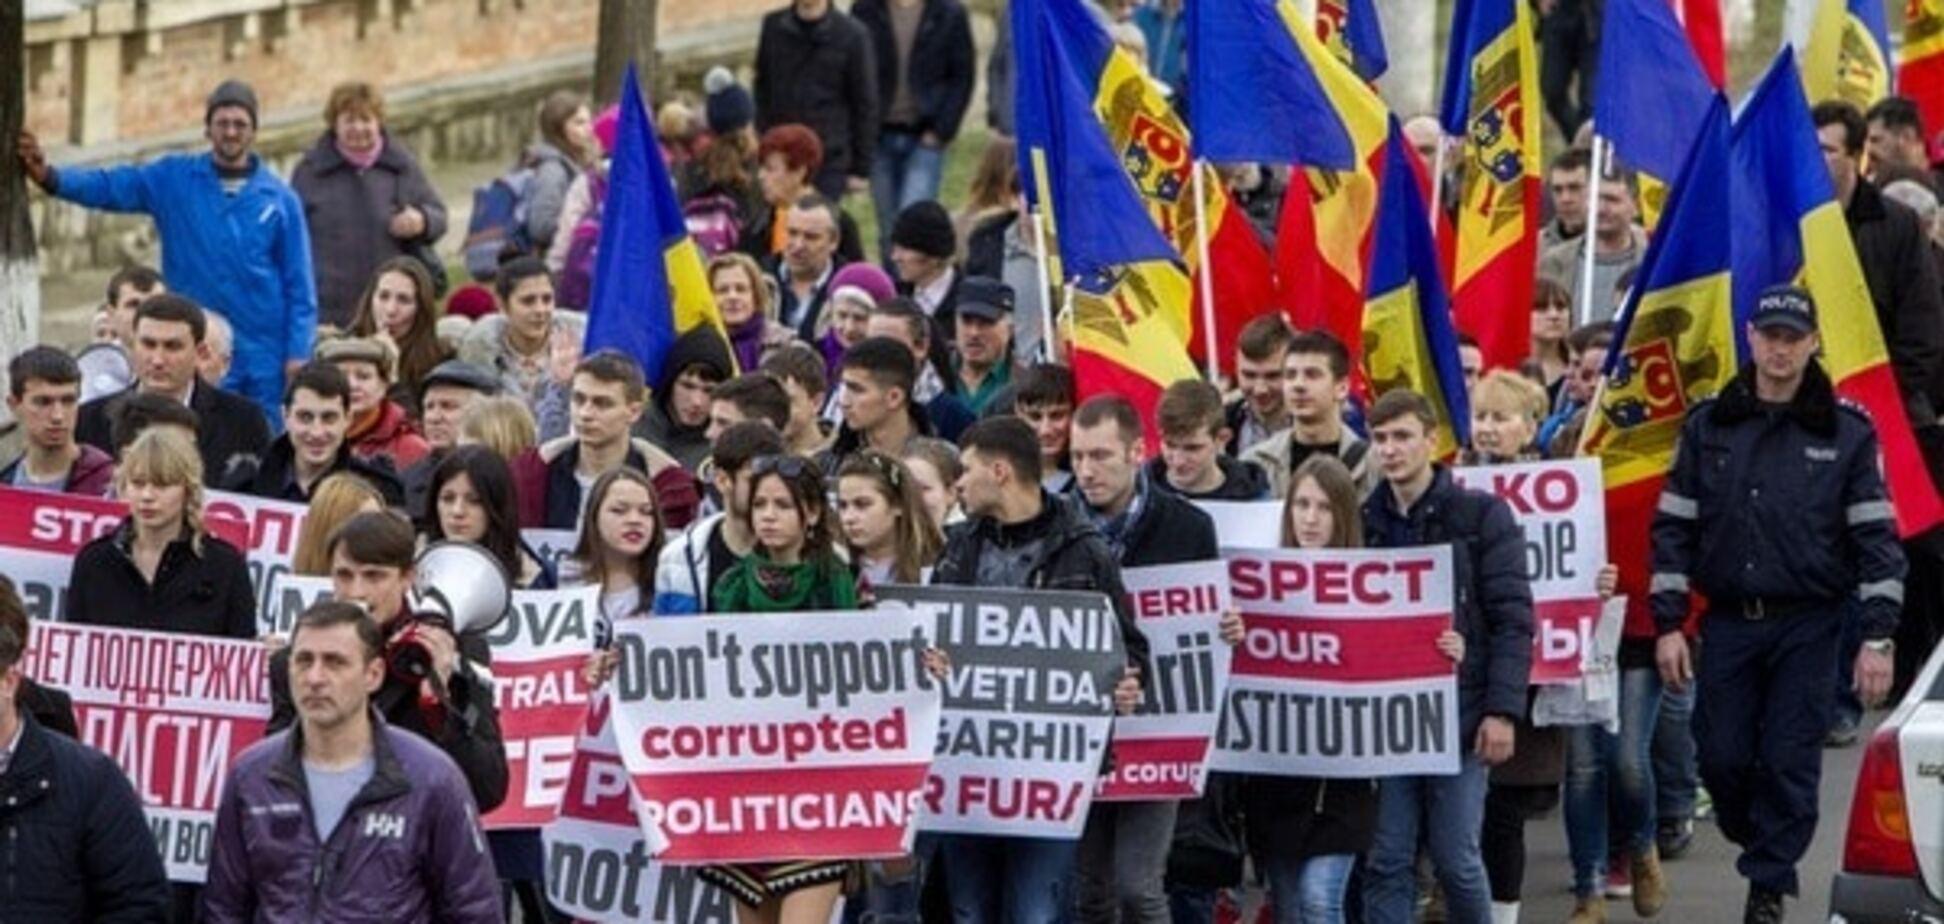 СМИ: Москва, Брюссель и Вашингтон борются за контроль над властями Молдовы